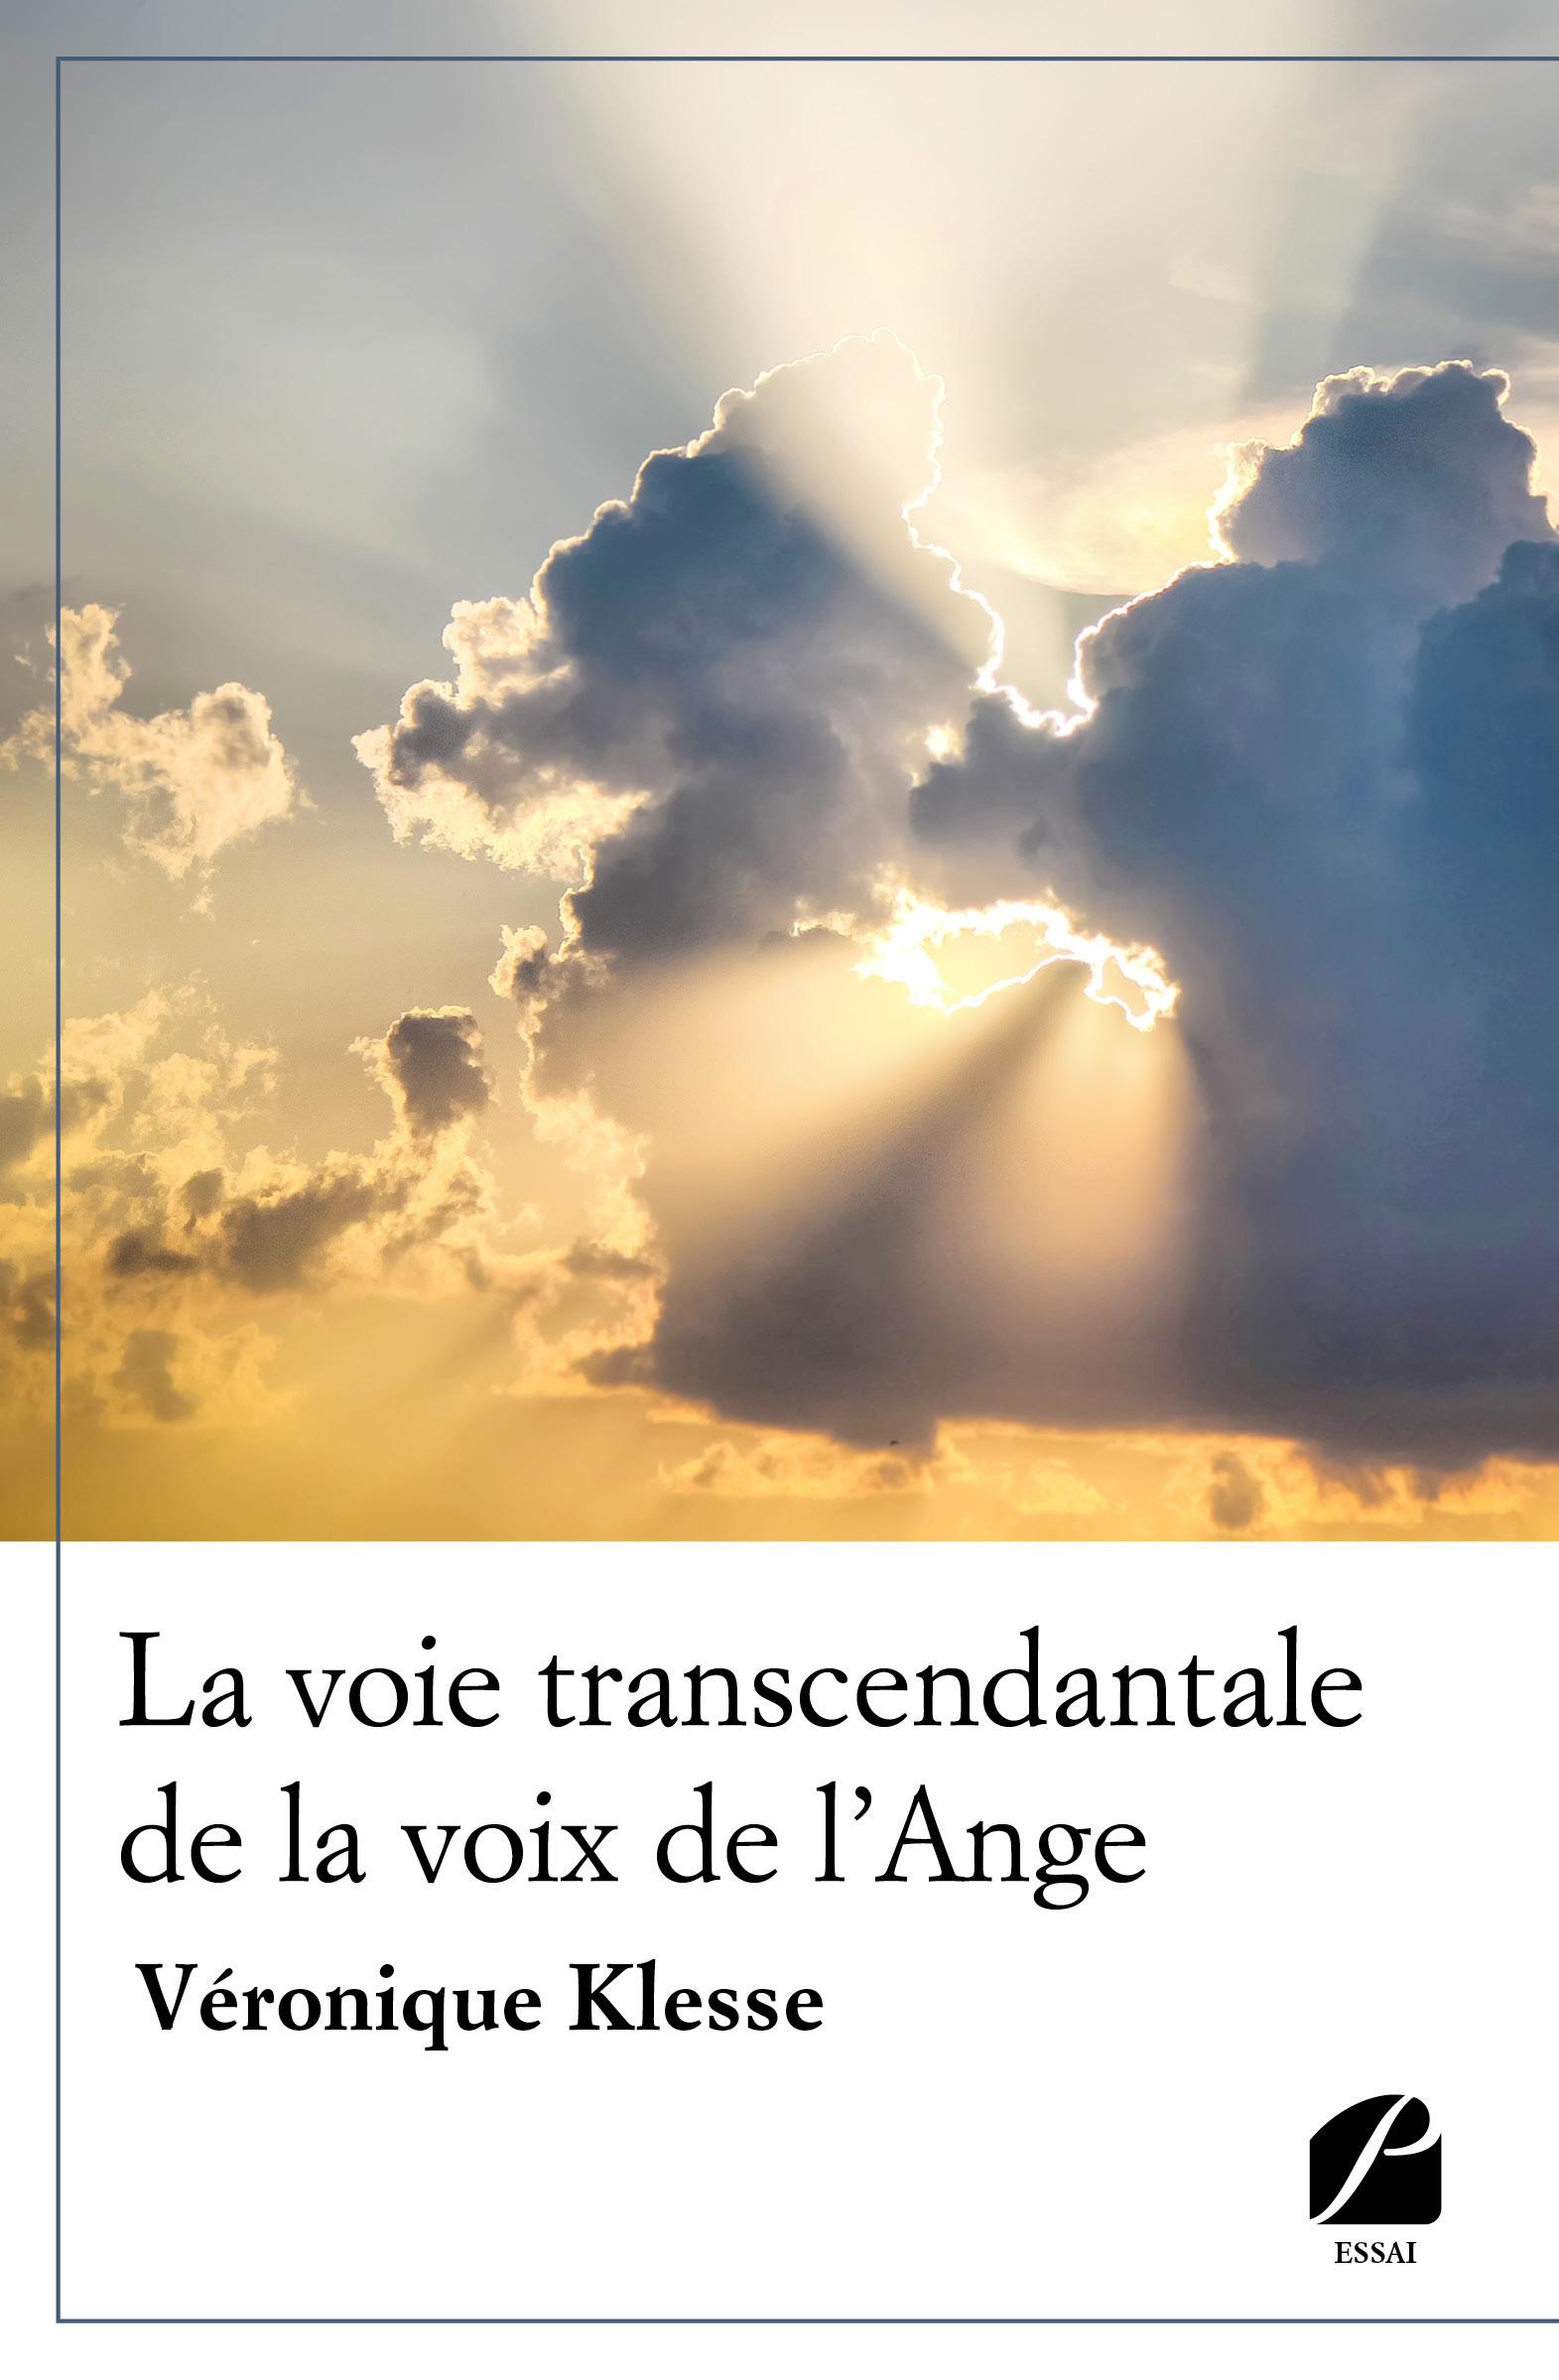 La voie transcendantale de la voix de l'ange  - Véronique Klesse